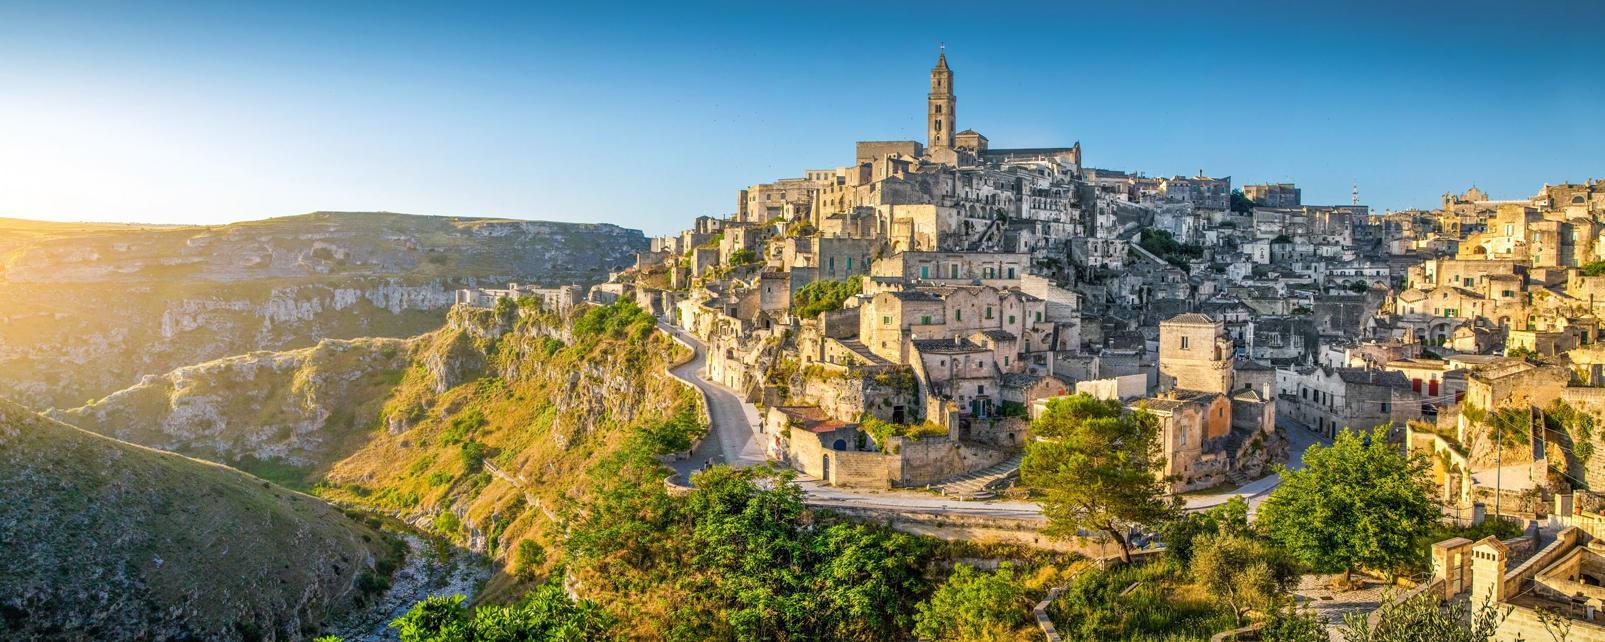 Basilicata Urlaub Sehensw 252 Rdigkeiten Easyvoyage